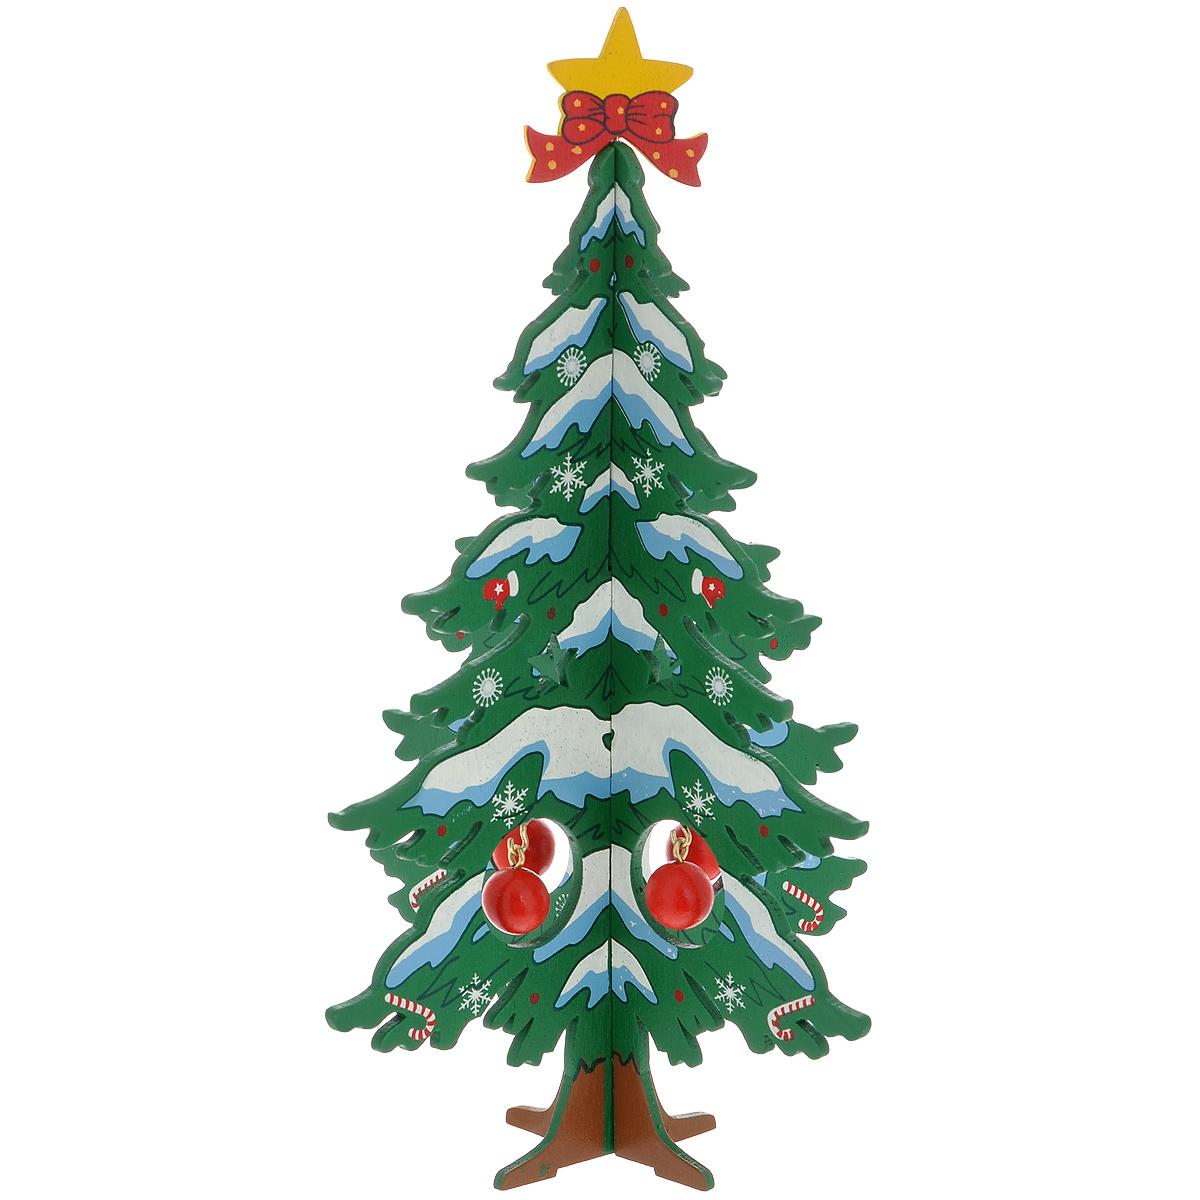 Украшение новогоднее Елочка снежная, цвет: зеленый, 17 см. 3526235262Украшение Елочка снежная, изготовленное из дерева, отлично подойдет для декорации вашего дома. Украшение выполнено в виде заснеженной ели, которая собирается из двух частей крест-накрест. Елка украшена снежинками, верхушкой-звездой и новогодними шариками, которые подвешиваются на металлические крючки. Новогодние украшения всегда несут в себе волшебство и красоту праздника. Создайте в своем доме атмосферу тепла, веселья и радости, украшая его всей семьей.